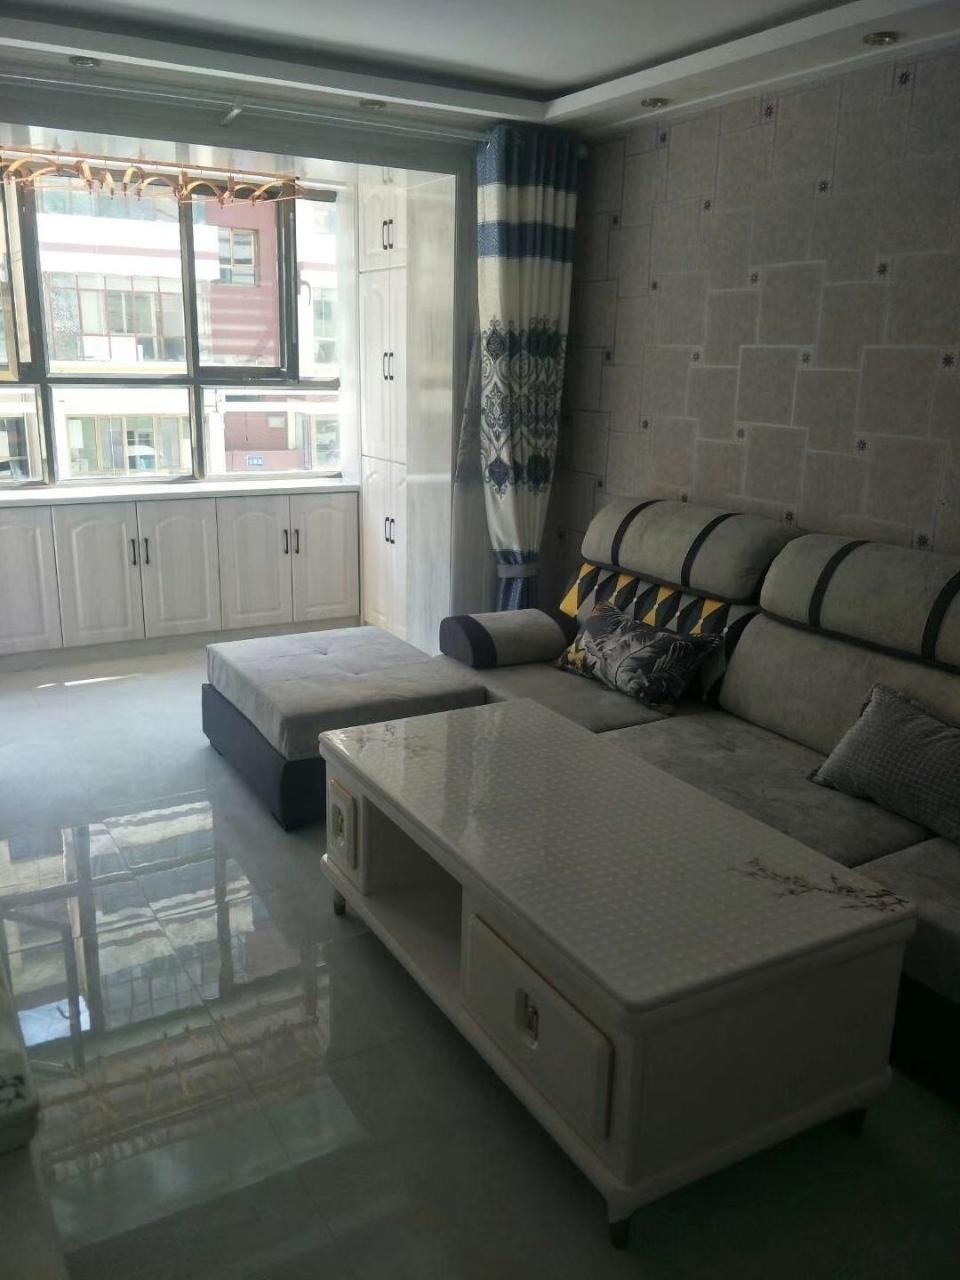 仓后街附近精装房按揭急售3室 2厅 1卫46.8万元